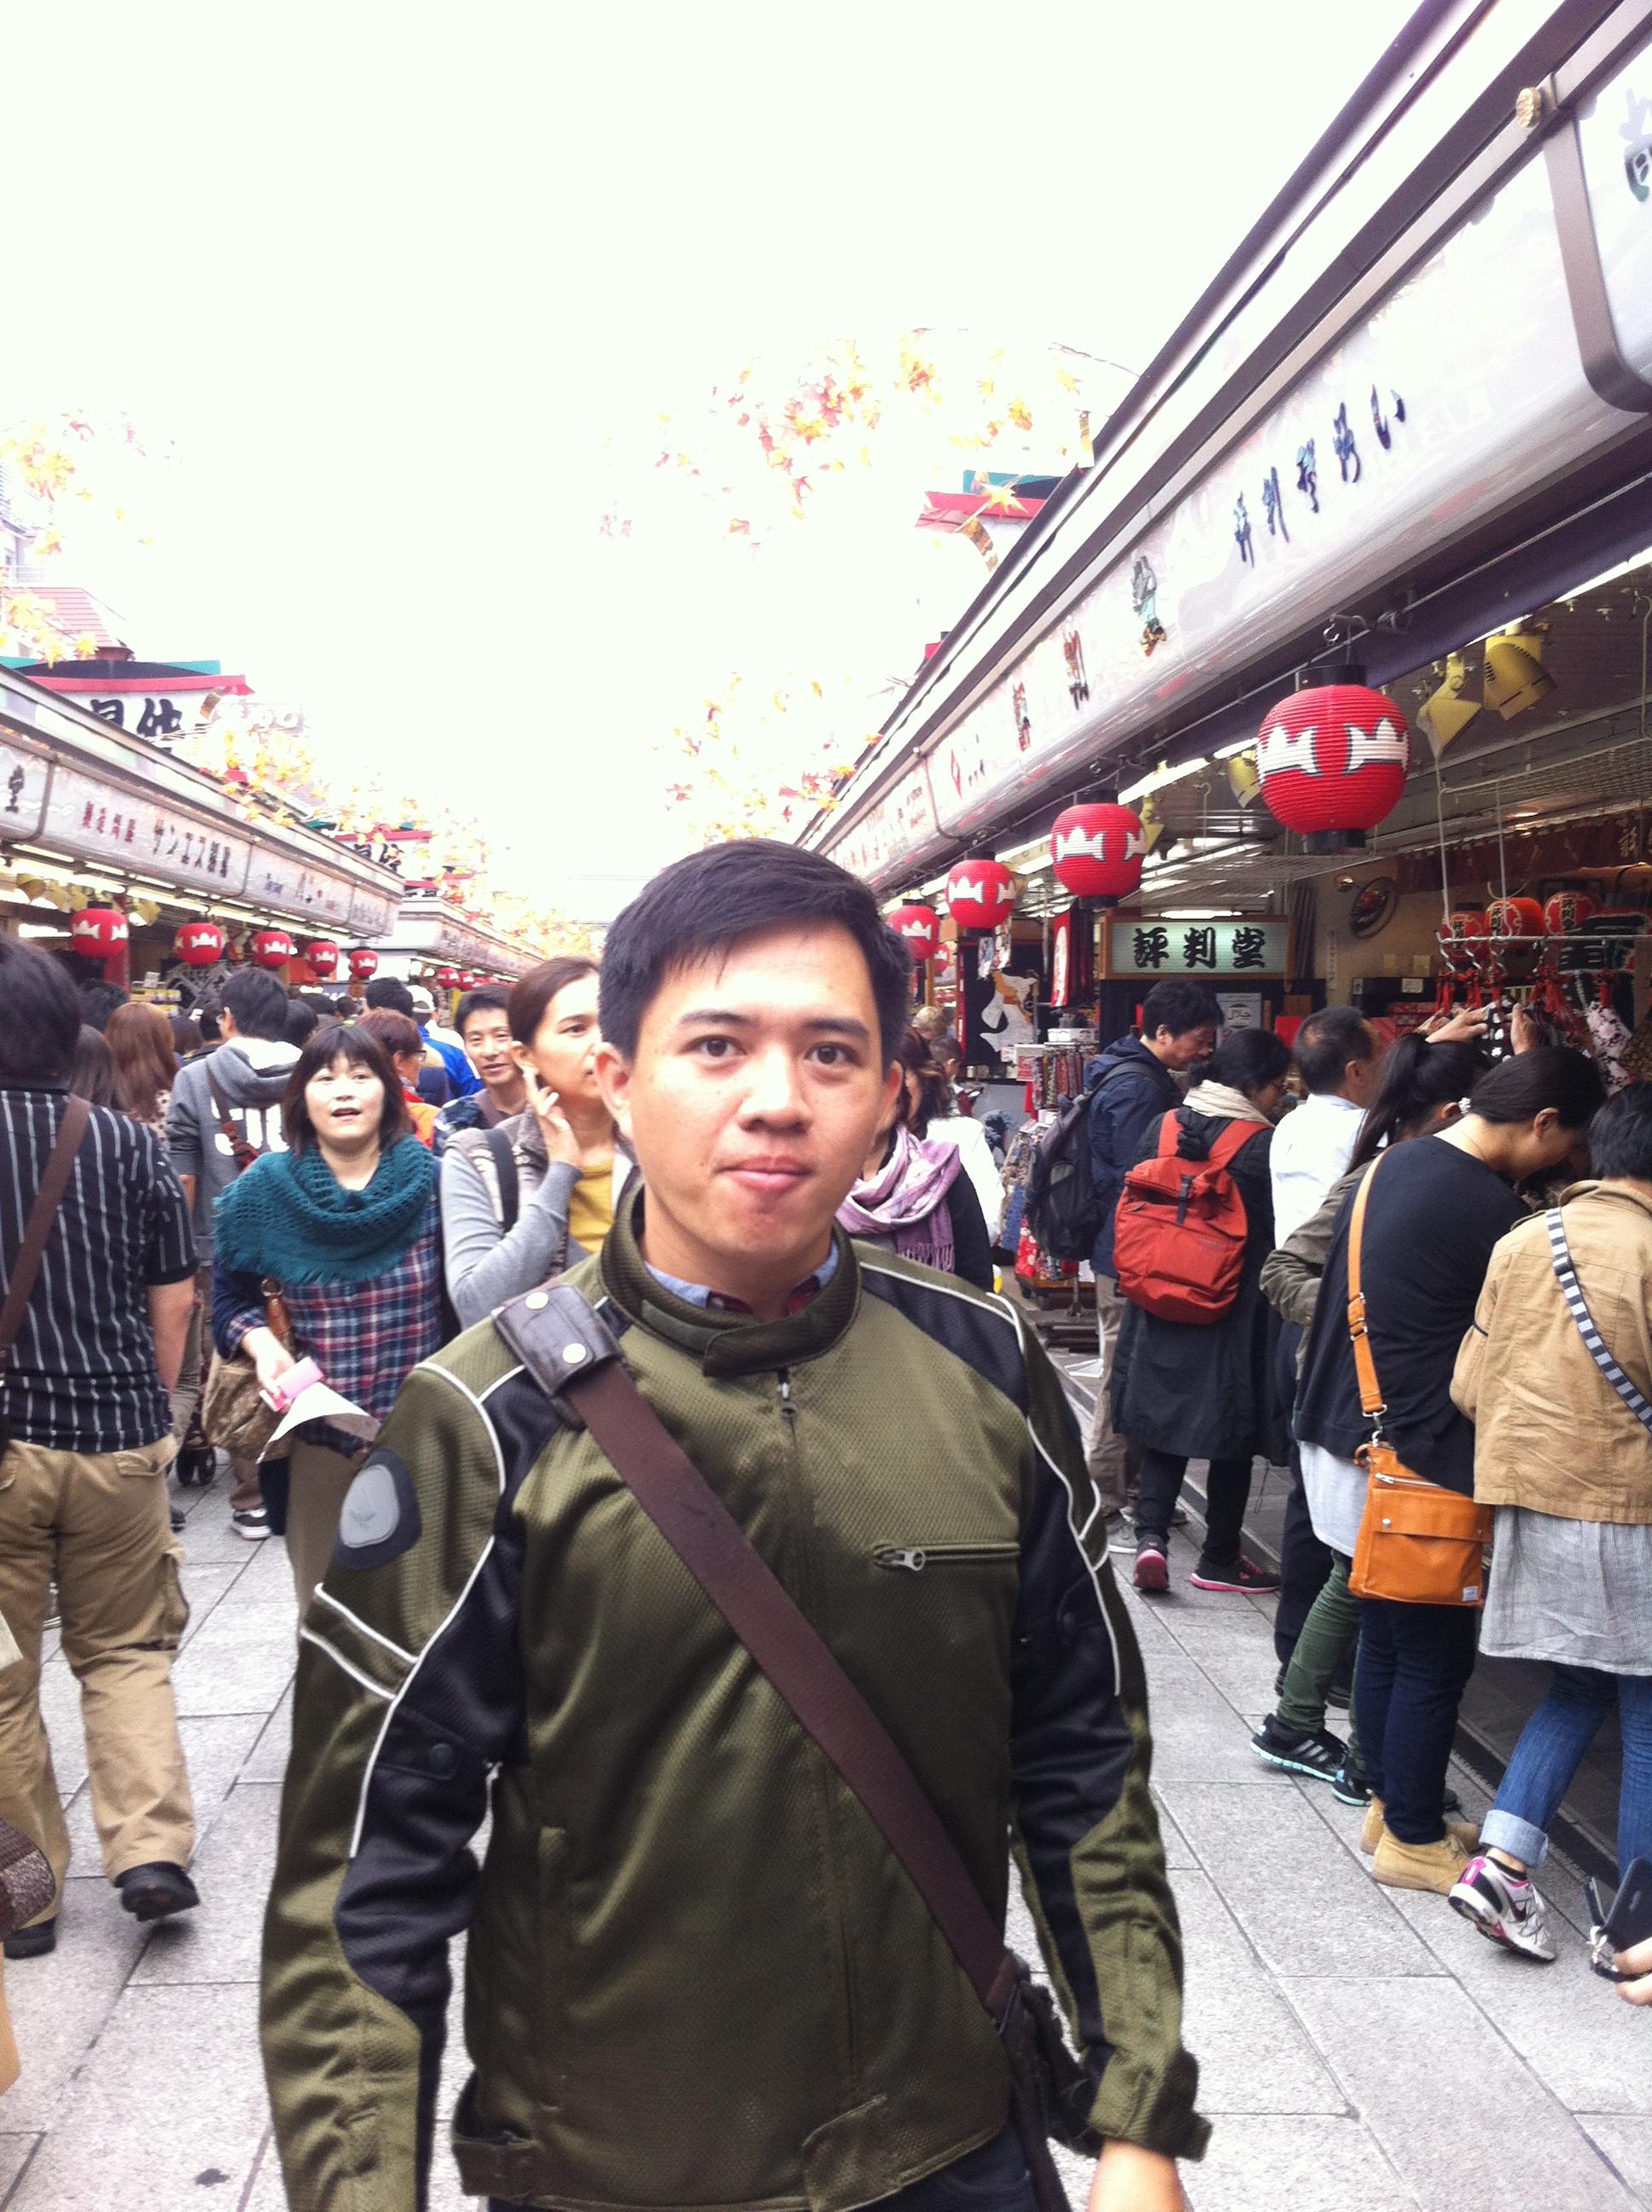 ,วิธีเที่ยวญี่ปุ่นอย่างประหยัด,ค่าครองชีพที่ญี่ปุ่น,คนญี่ปุ่นในไทย,คนไทยในญี่ปุ่น,หญิงไทยในญี่ปุ่น,หญิงไทยในโตเกียวโอซาก้า,ปลาดิบซาซิมิ วาซาบิ แซลม่อน โรงแรมร้านอาหารโตเกียวญี่ปุ่นแนะนำPicture 352